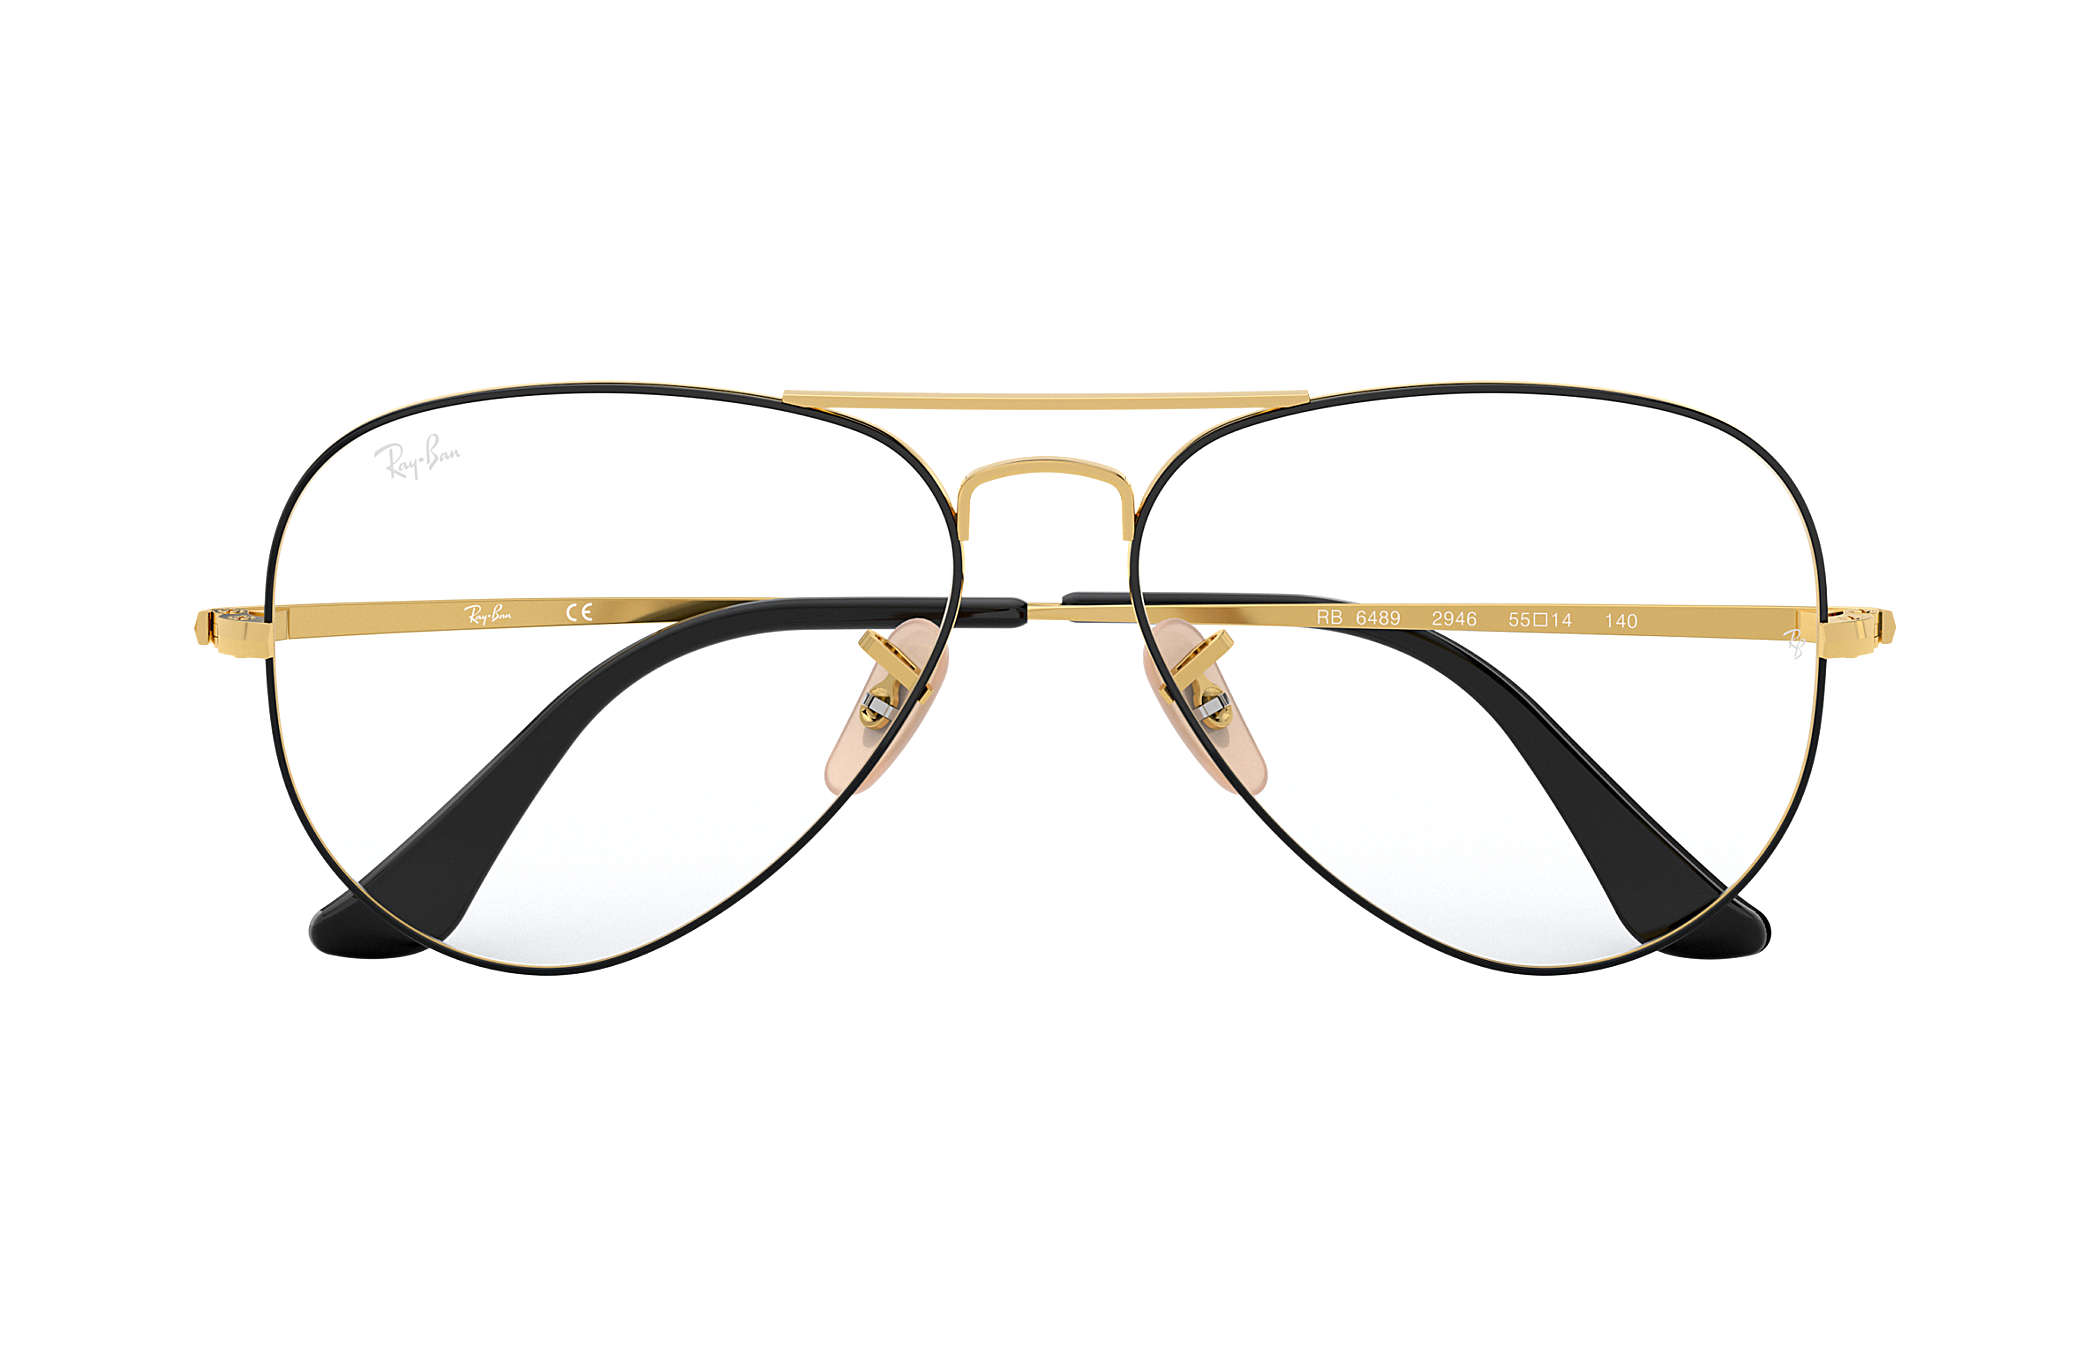 de216a955b Ray-Ban prescription glasses Aviator Optics RB6489 Black - Metal ...